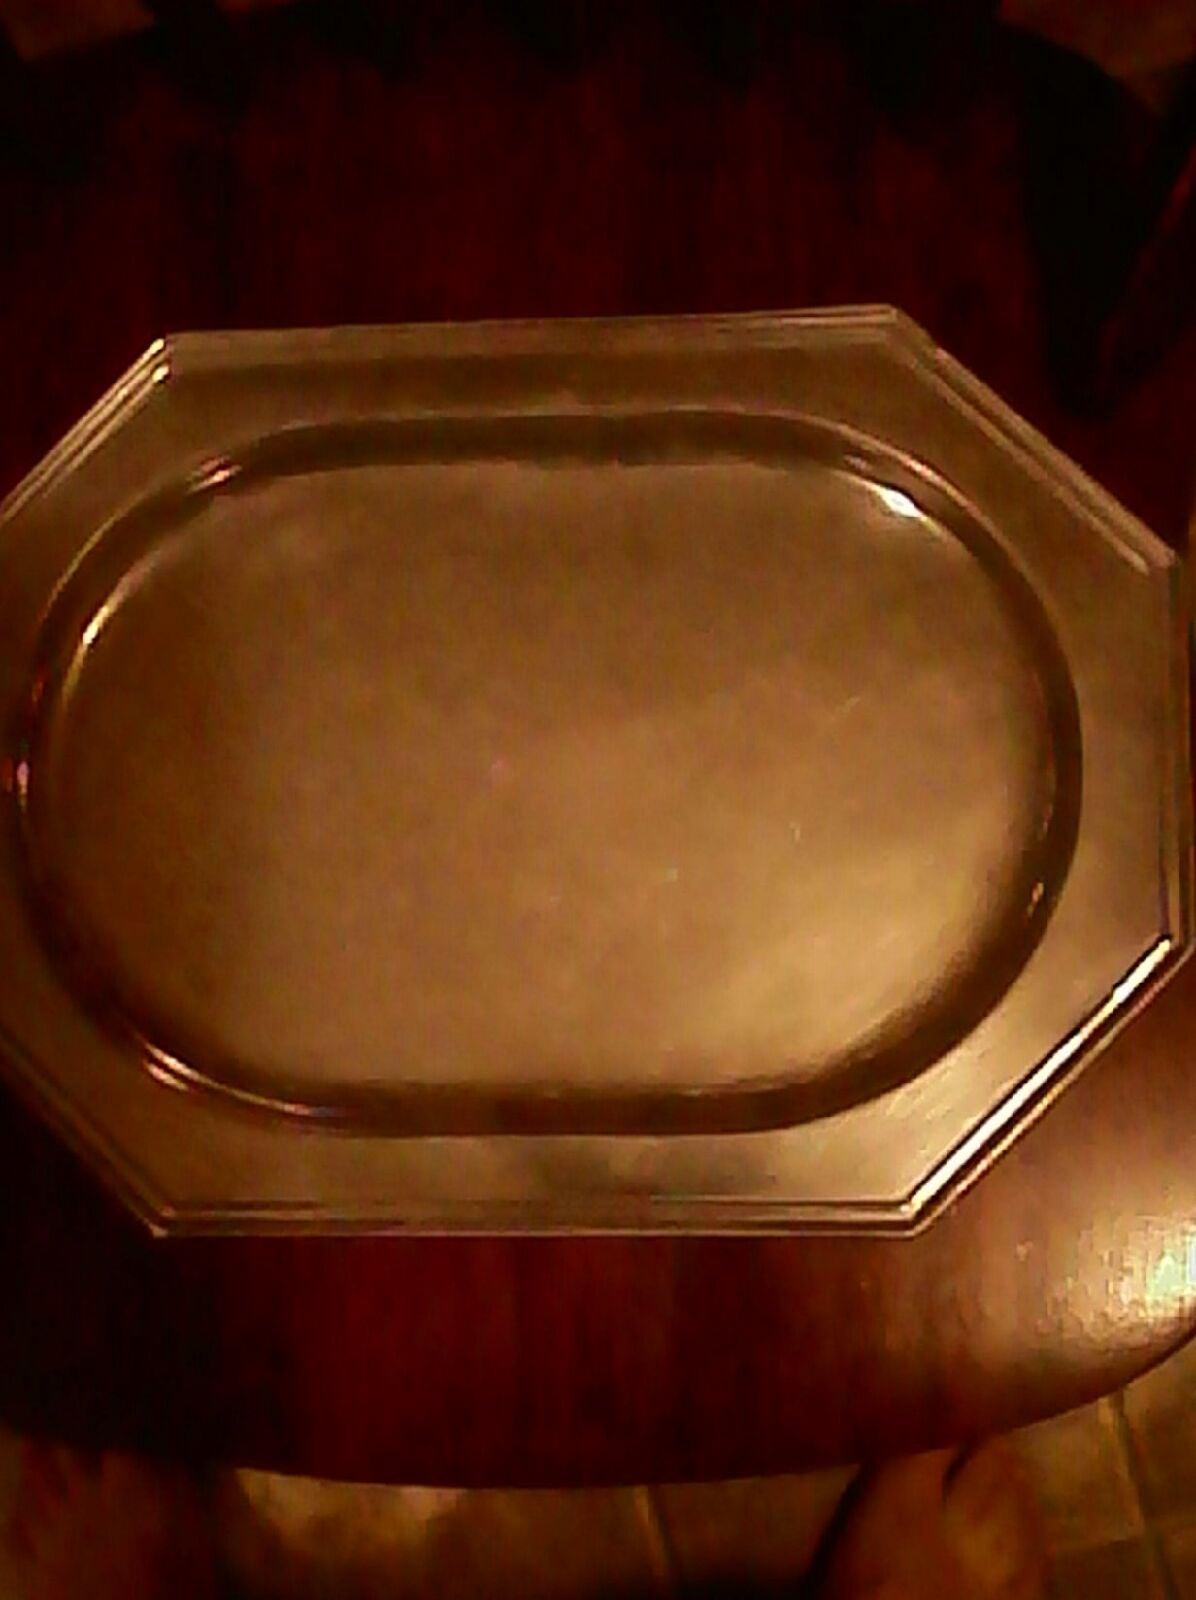 1973 Wilton Columbia tray